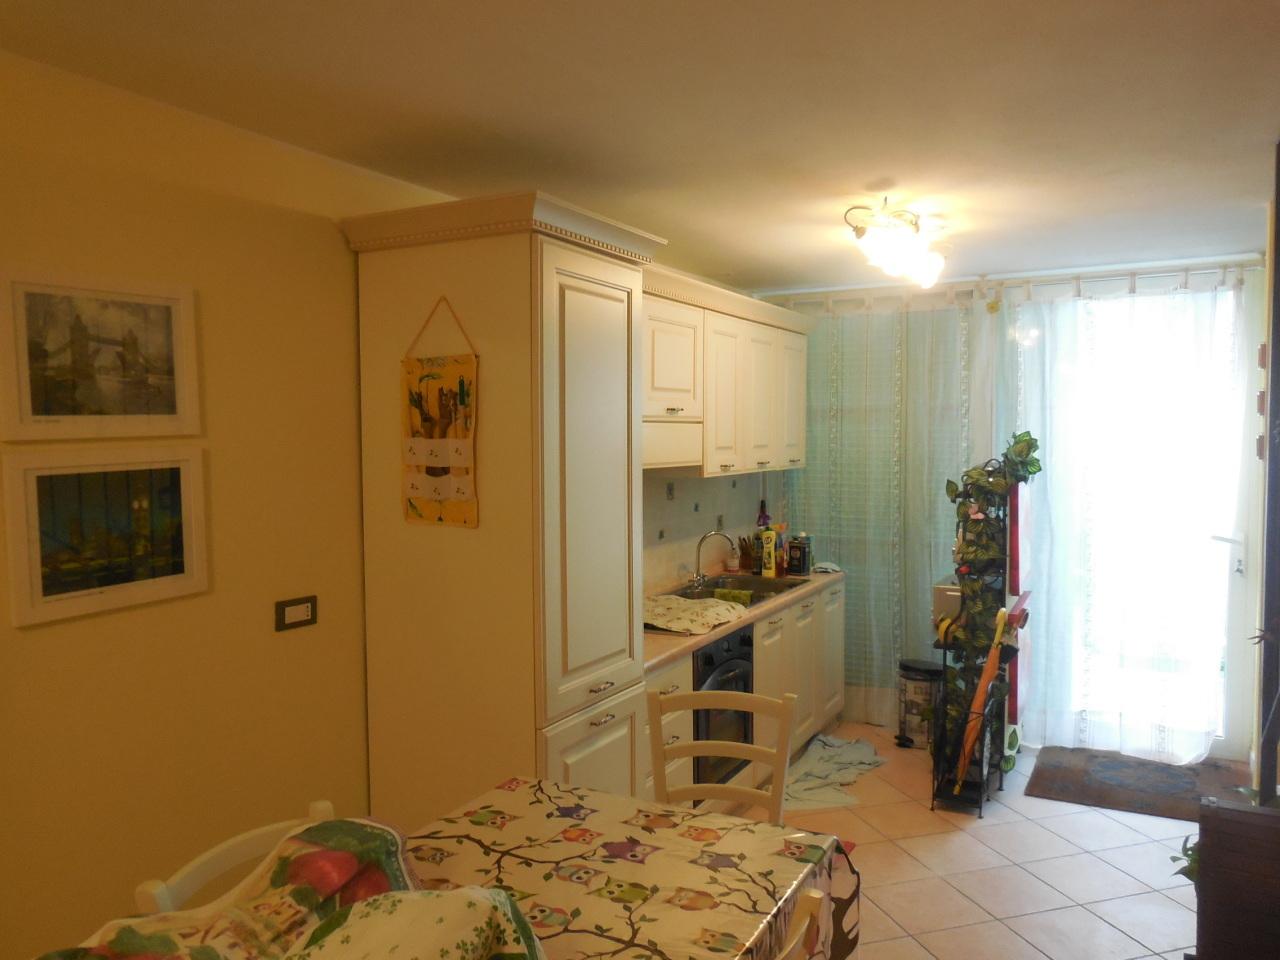 Appartamenti - Appartamento indipendente a Caniparola, Fosdinovo